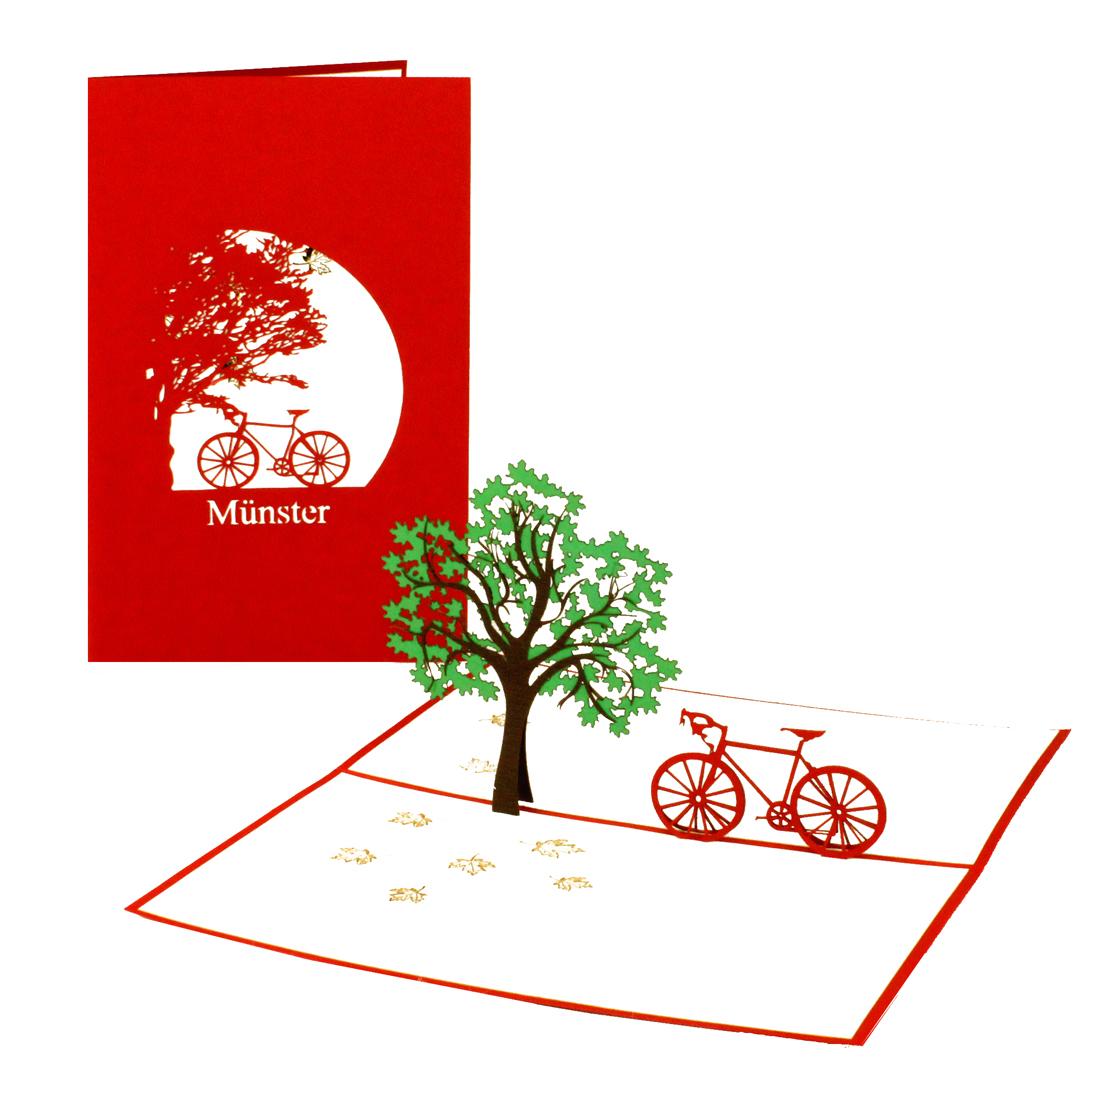 """Pop Up Karte """"Münster - Fahrrad"""" - Gutschein oder Einladung für einen Ausflug oder Radtour"""